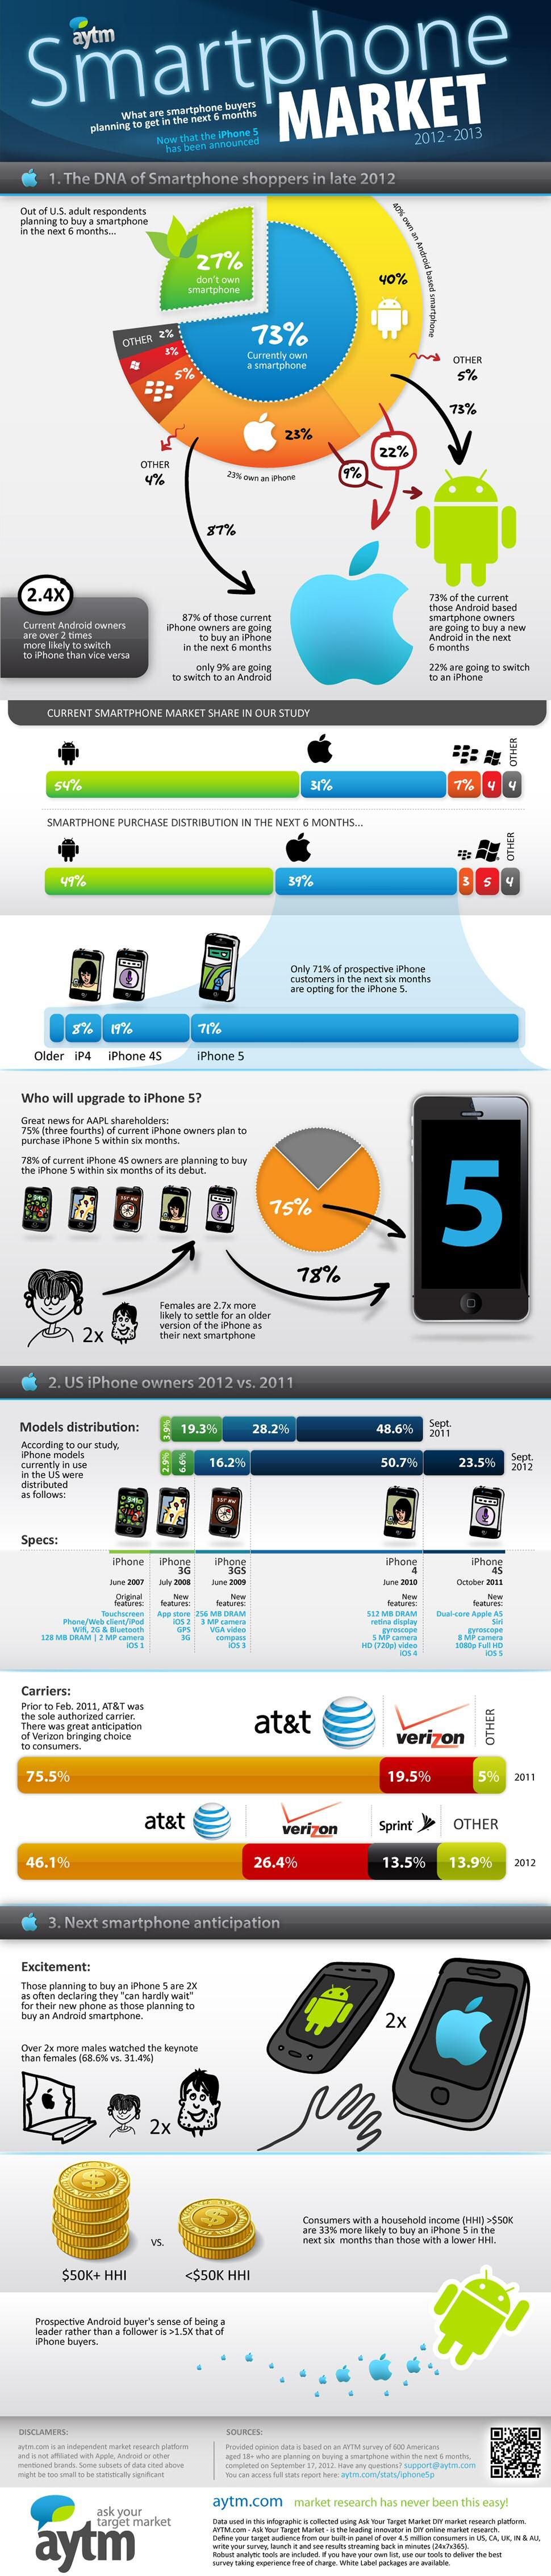 Las repercusiones del Lanzamiento del nuevo iPhone 5